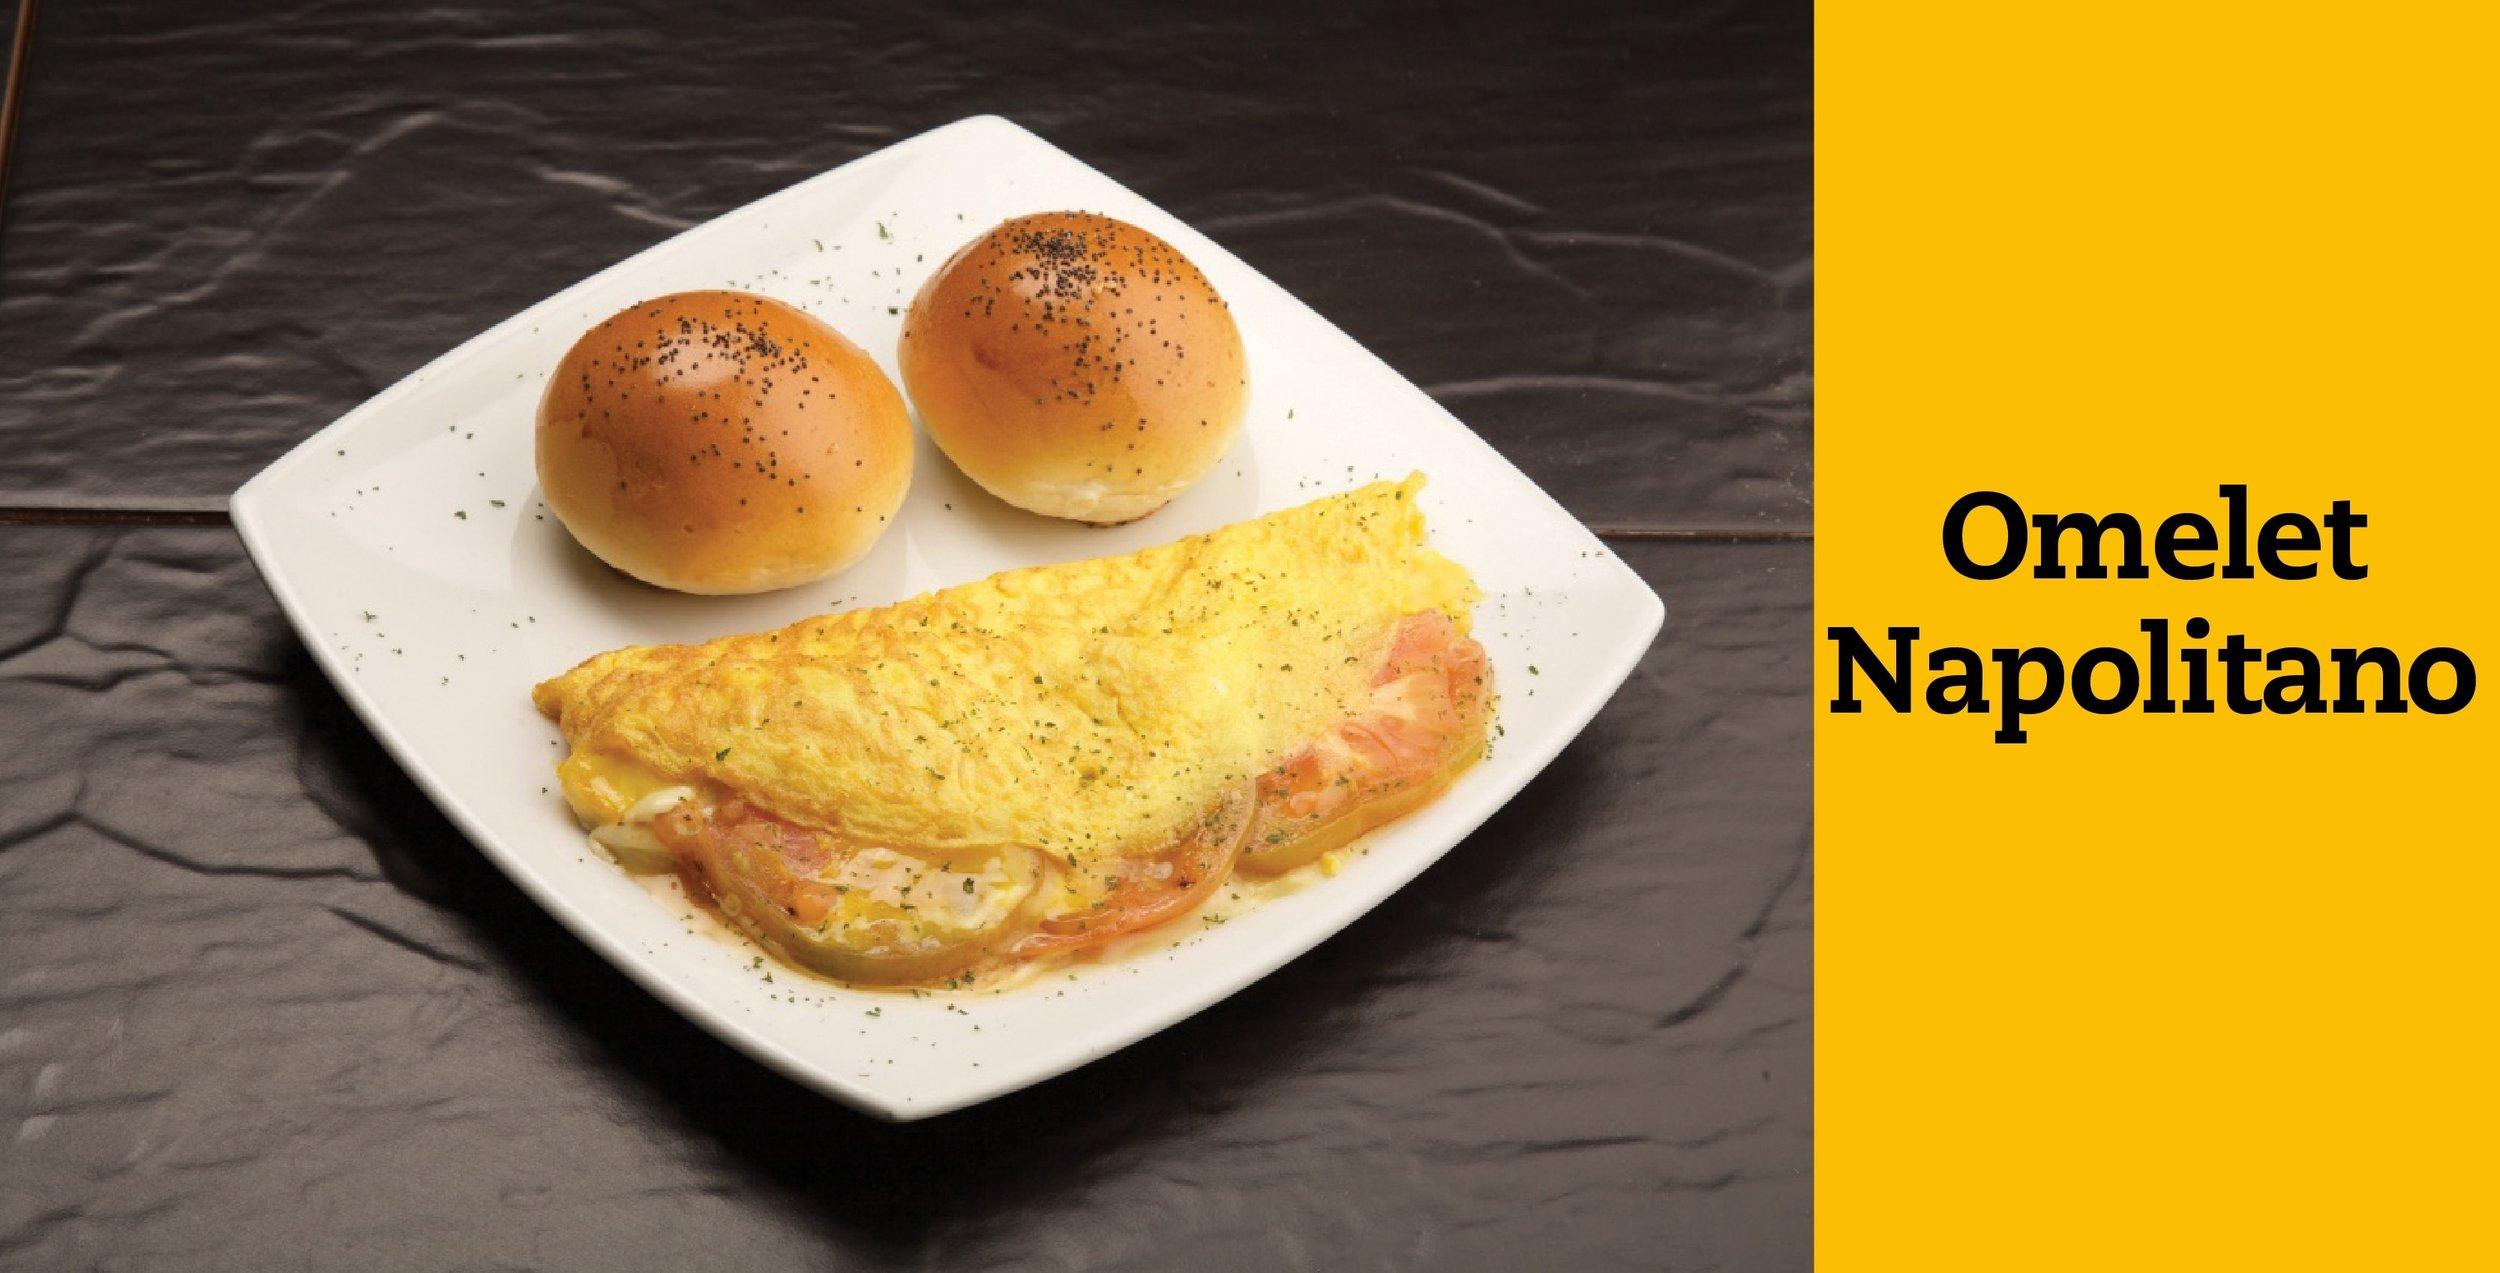 beer-desayuno jm cordova-omelet napolitano